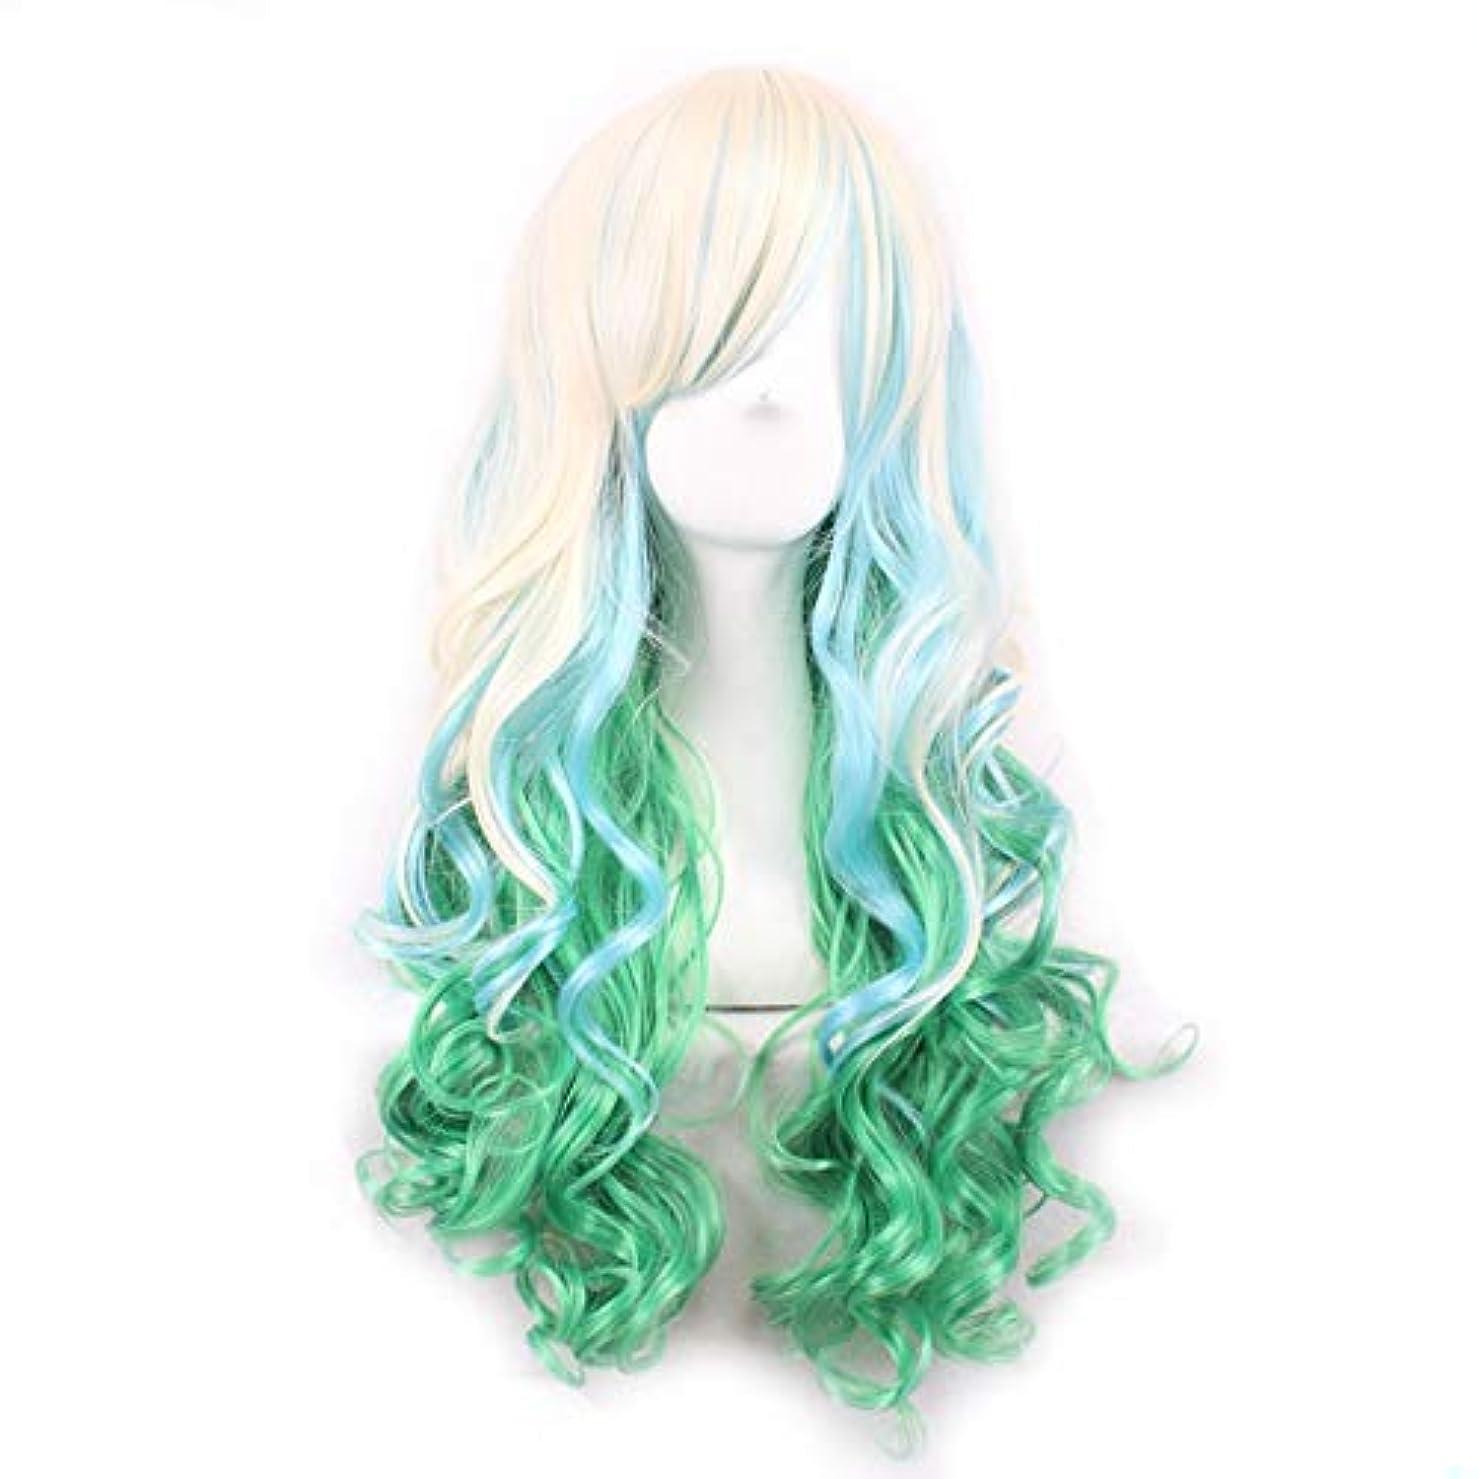 中世のチョーク下に向けますウィッグキャップでかつらファンシードレスカールかつら女性用高品質合成毛髪コスプレ高密度かつら女性&女の子用グリーン、ダークグリーン (Color : 緑)